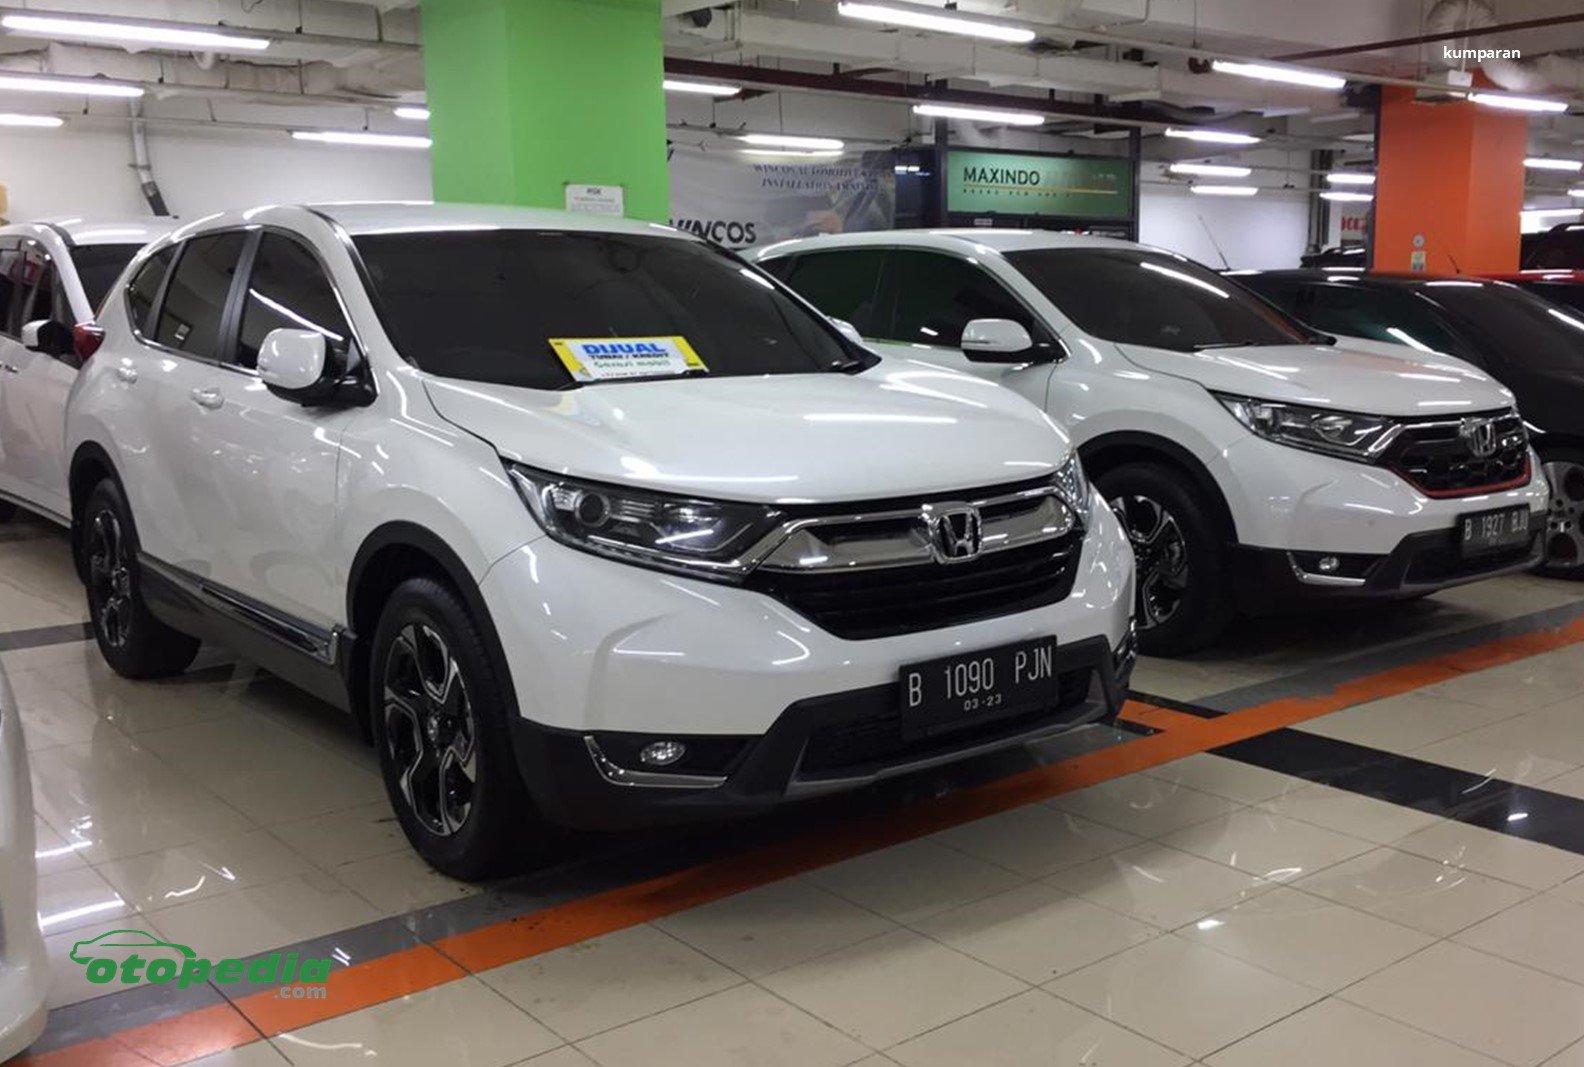 Kekurangan Honda Crv Bekas Perbandingan Harga